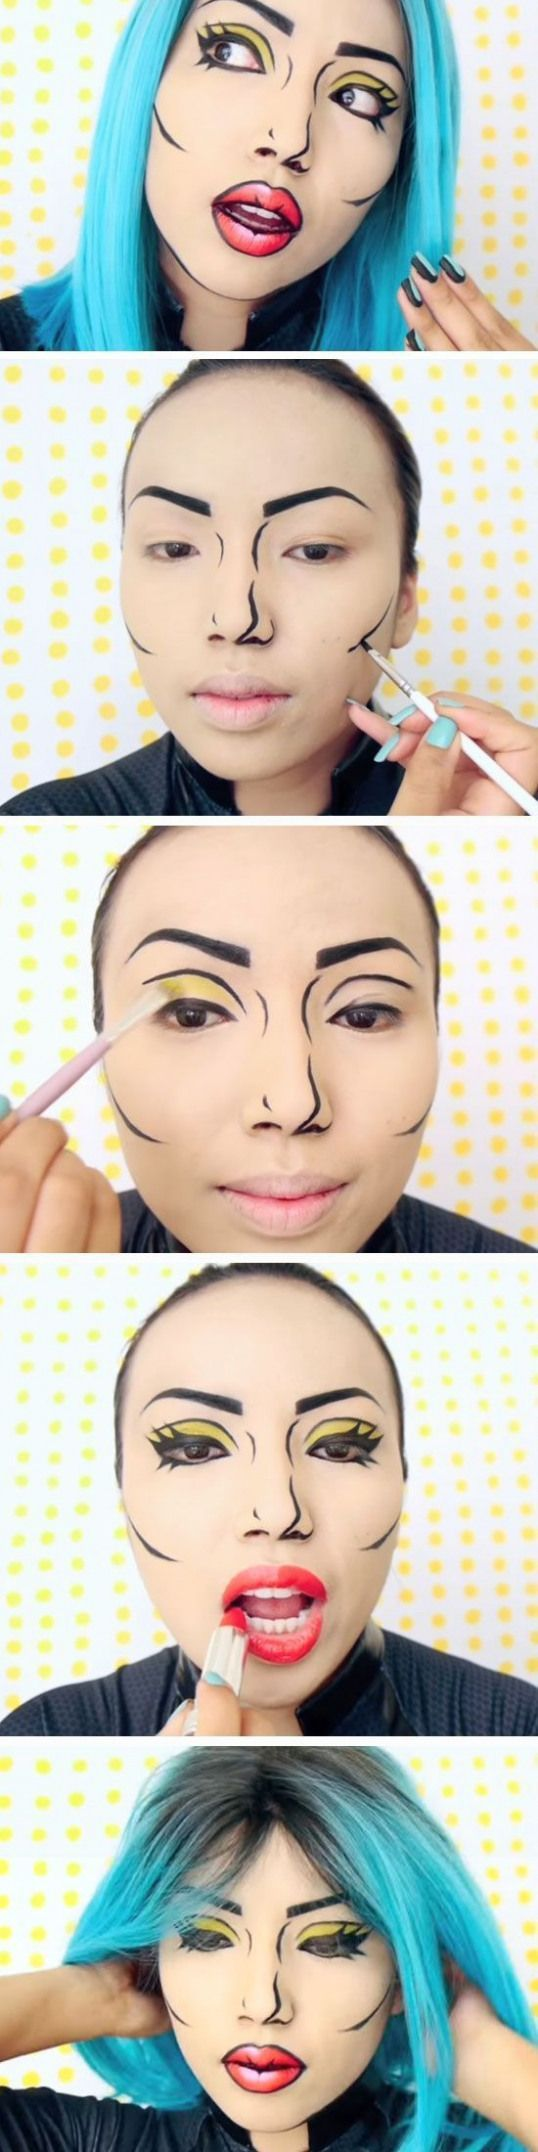 Photo of Pop art makeup tutorial. #Tutorial #Makeup #Fantasia #hallow…